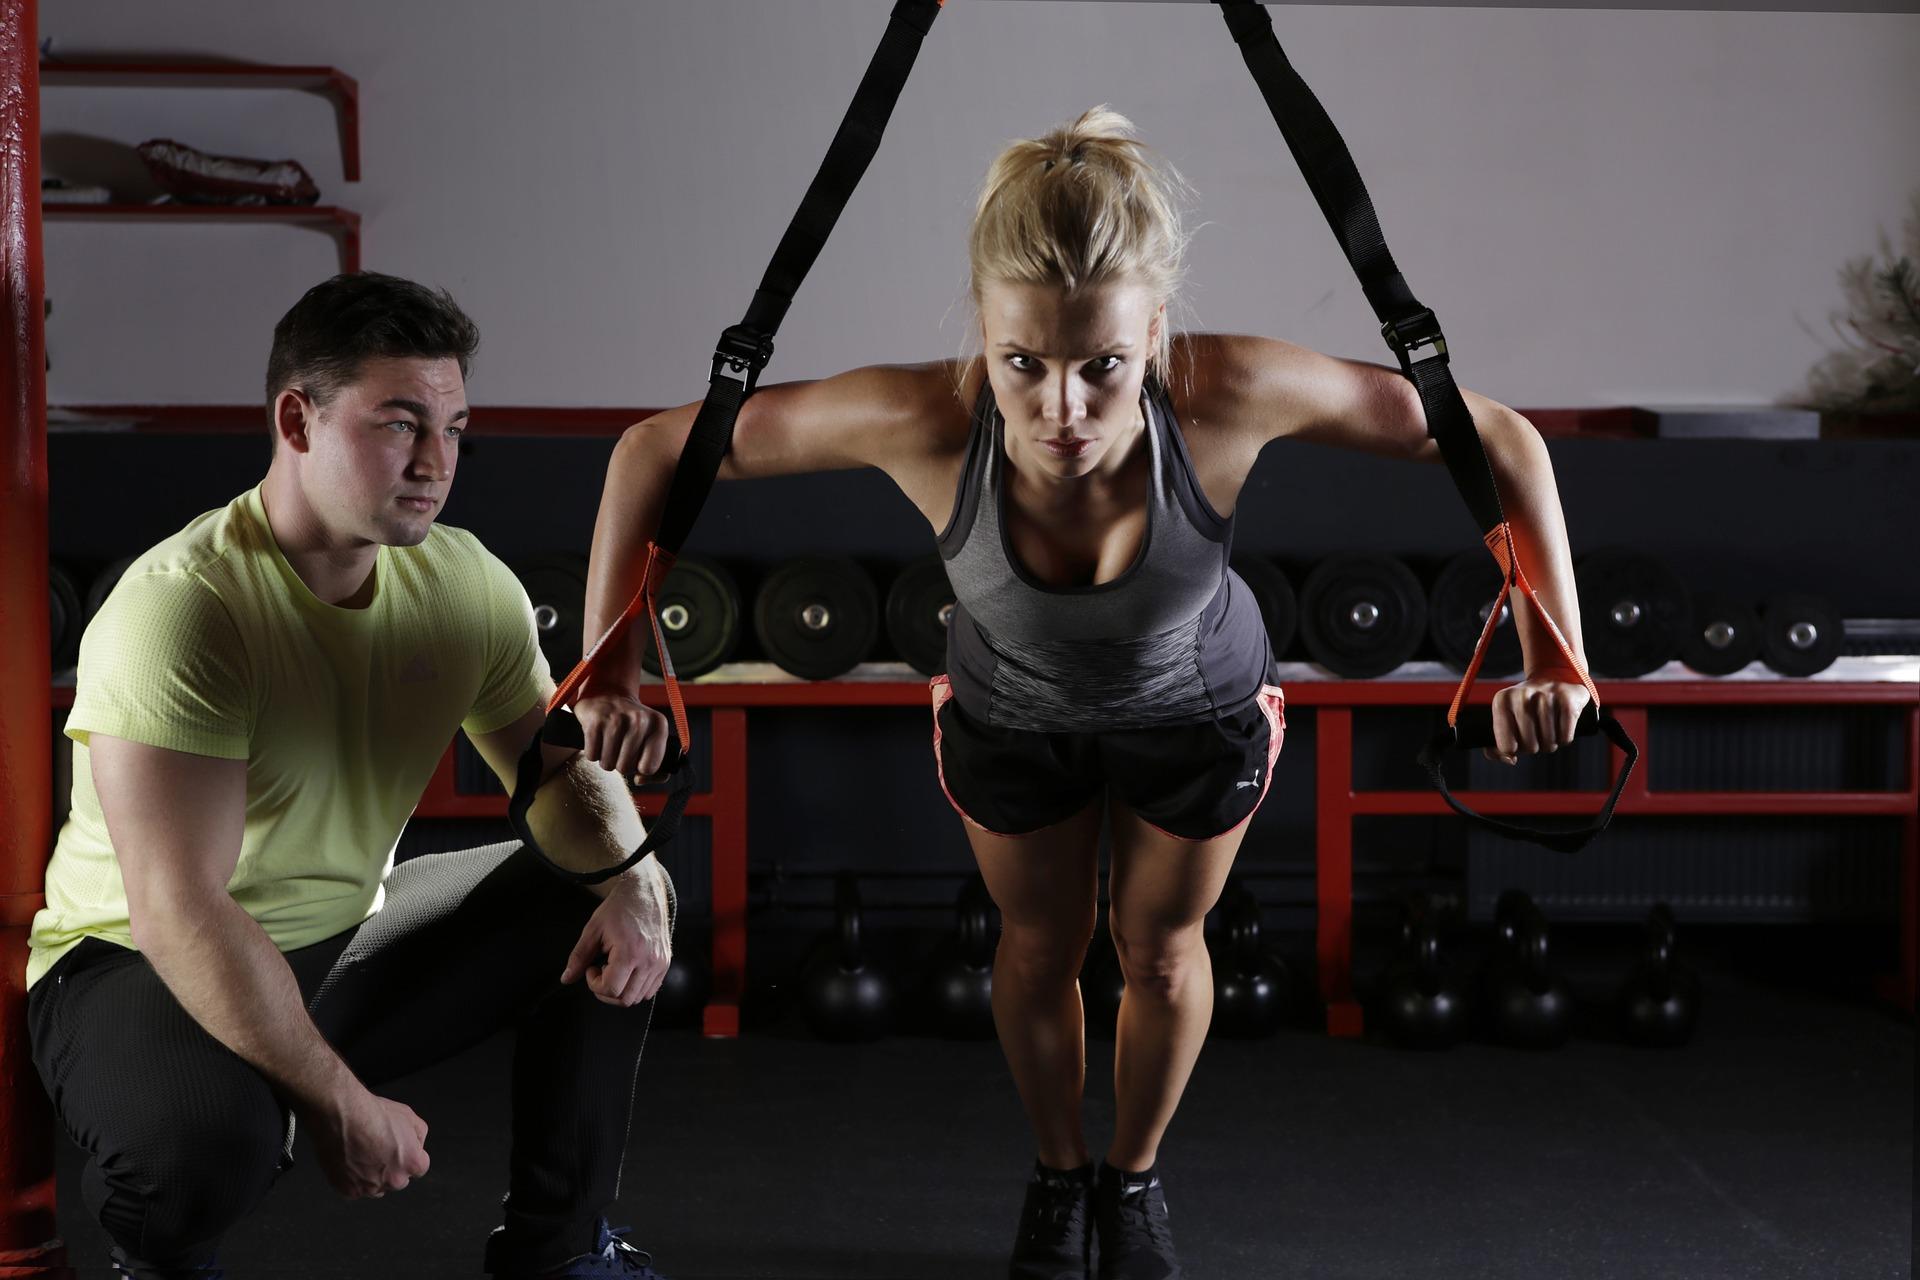 שמירה על כושר גופני